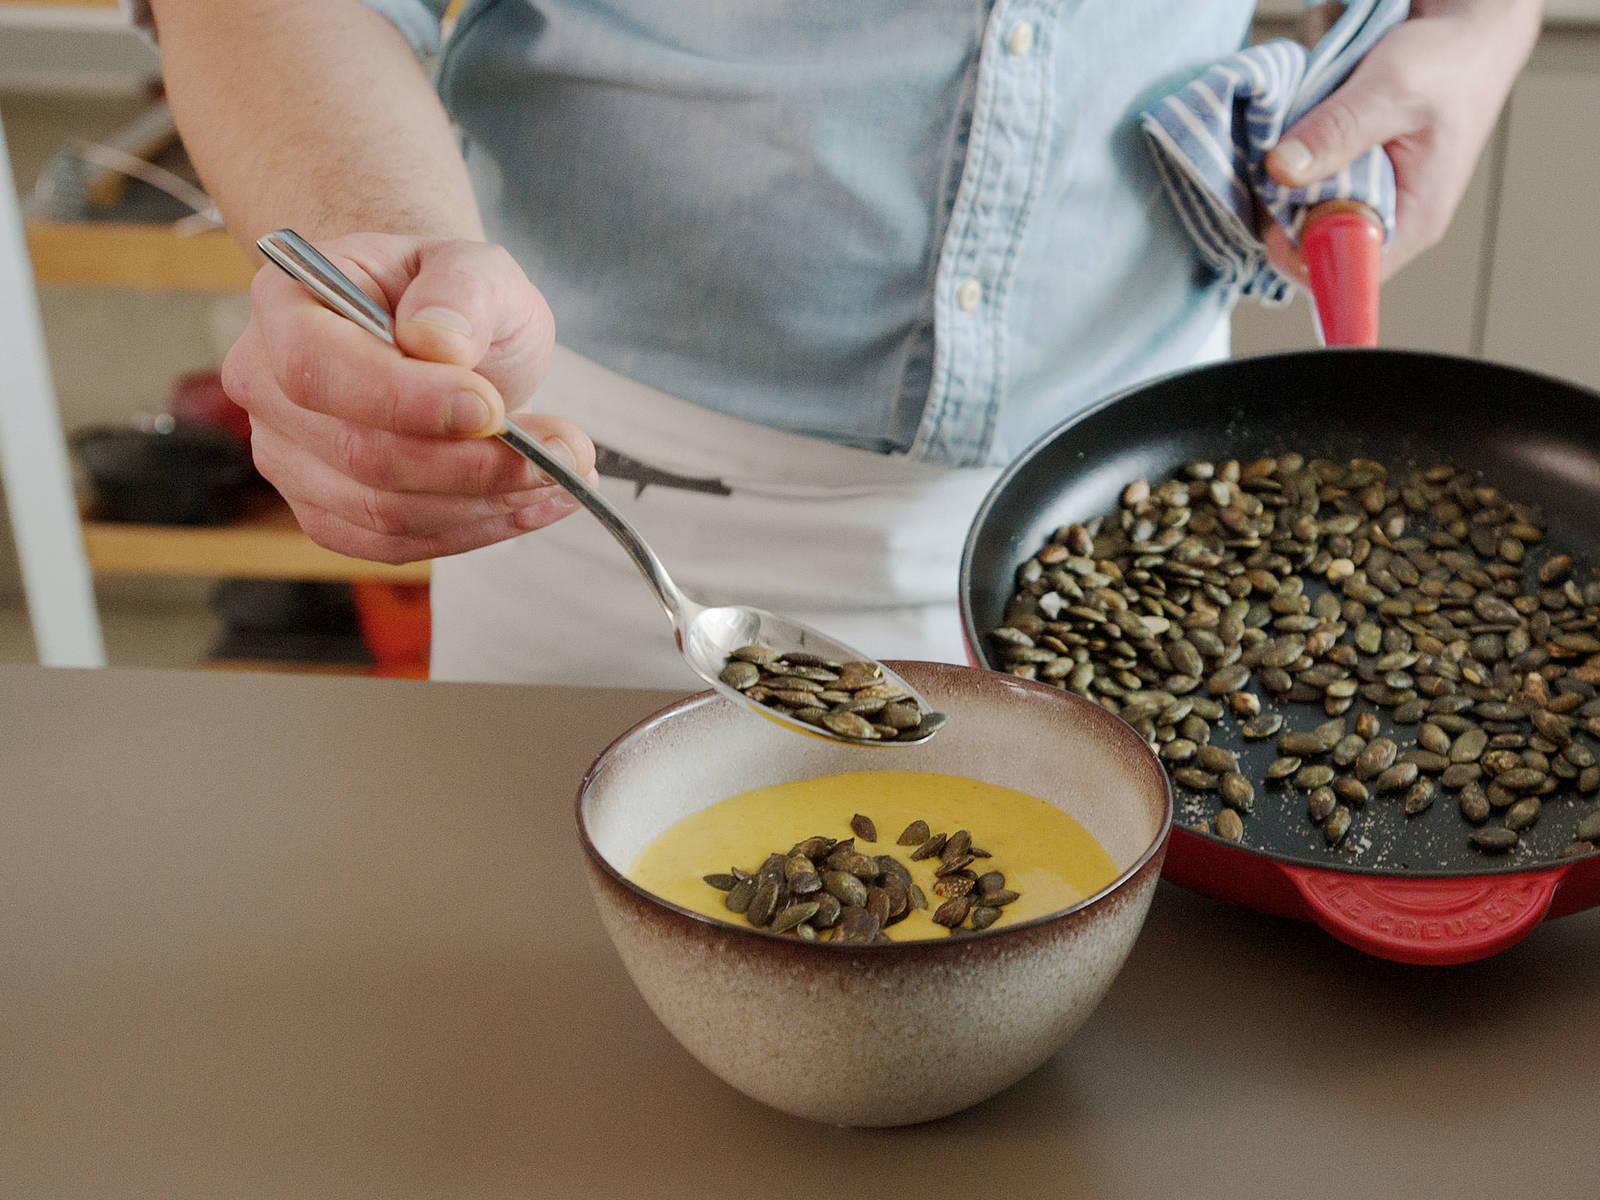 Vom Herd nehmen und den Joghurt unterrühren. Mit einem Pürierstab cremig pürieren. Mit gerösteten Kürbiskernen und Koriander nach Geschmack servieren. Guten Appetit!